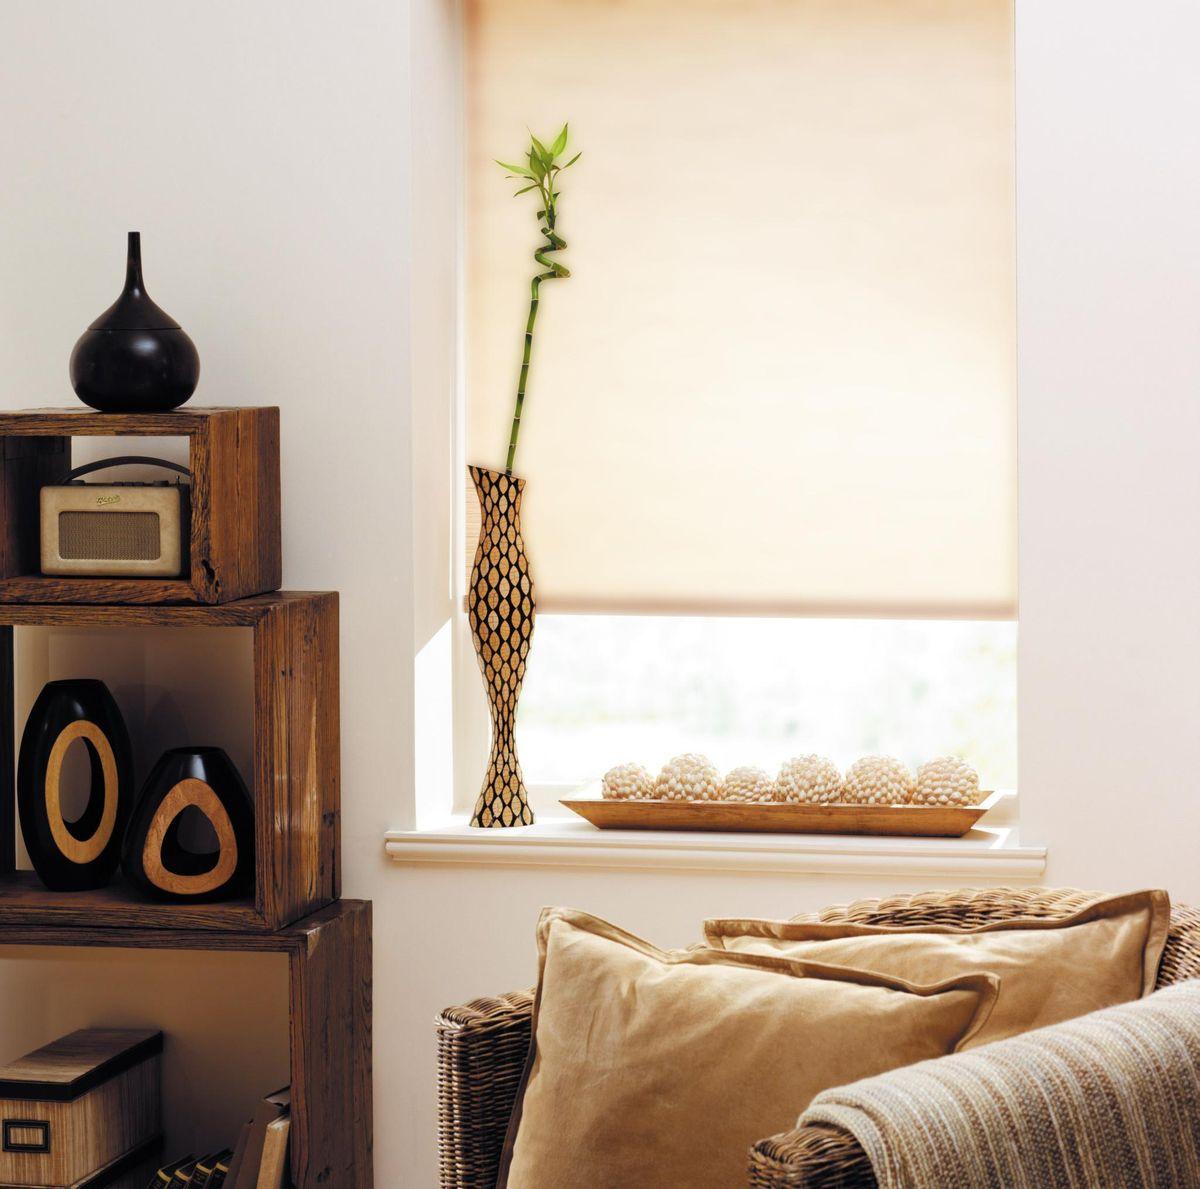 Штора рулонная Эскар, цвет: бежевый лен, ширина 130 см, высота 170 см80409130170Рулонными шторами можно оформлять окна как самостоятельно, так и использовать в комбинации с портьерами. Это поможет предотвратить выгорание дорогой ткани на солнце и соединит функционал рулонных с красотой навесных. Преимущества применения рулонных штор для пластиковых окон: - имеют прекрасный внешний вид: многообразие и фактурность материала изделия отлично смотрятся в любом интерьере; - многофункциональны: есть возможность подобрать шторы способные эффективно защитить комнату от солнца, при этом она не будет слишком темной. - Есть возможность осуществить быстрый монтаж. ВНИМАНИЕ! Размеры ширины изделия указаны по ширине ткани! Во время эксплуатации не рекомендуется полностью разматывать рулон, чтобы не оторвать ткань от намоточного вала. В случае загрязнения поверхности ткани, чистку шторы проводят одним из способов, в зависимости от типа загрязнения: легкое поверхностное загрязнение можно удалить при помощи канцелярского ластика; чистка от пыли производится сухим методом при...